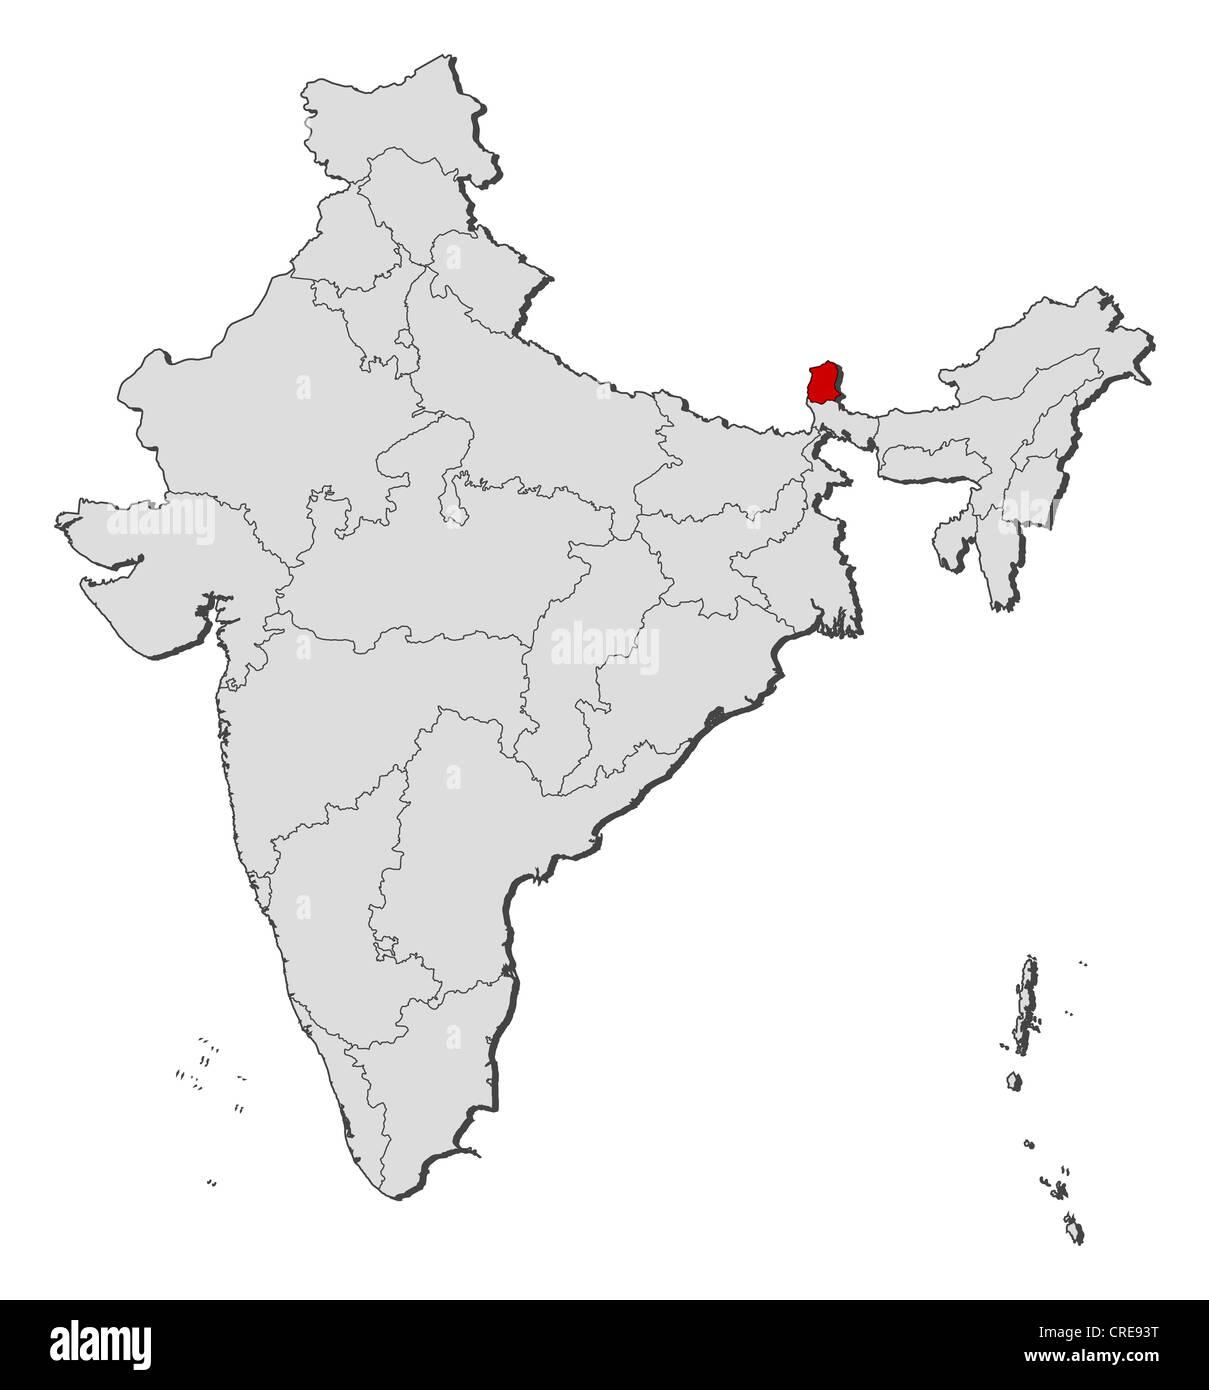 Carte Inde Sikkim.Carte Politique De L Inde Avec Les Divers Etats Ou Le Sikkim Est Mis